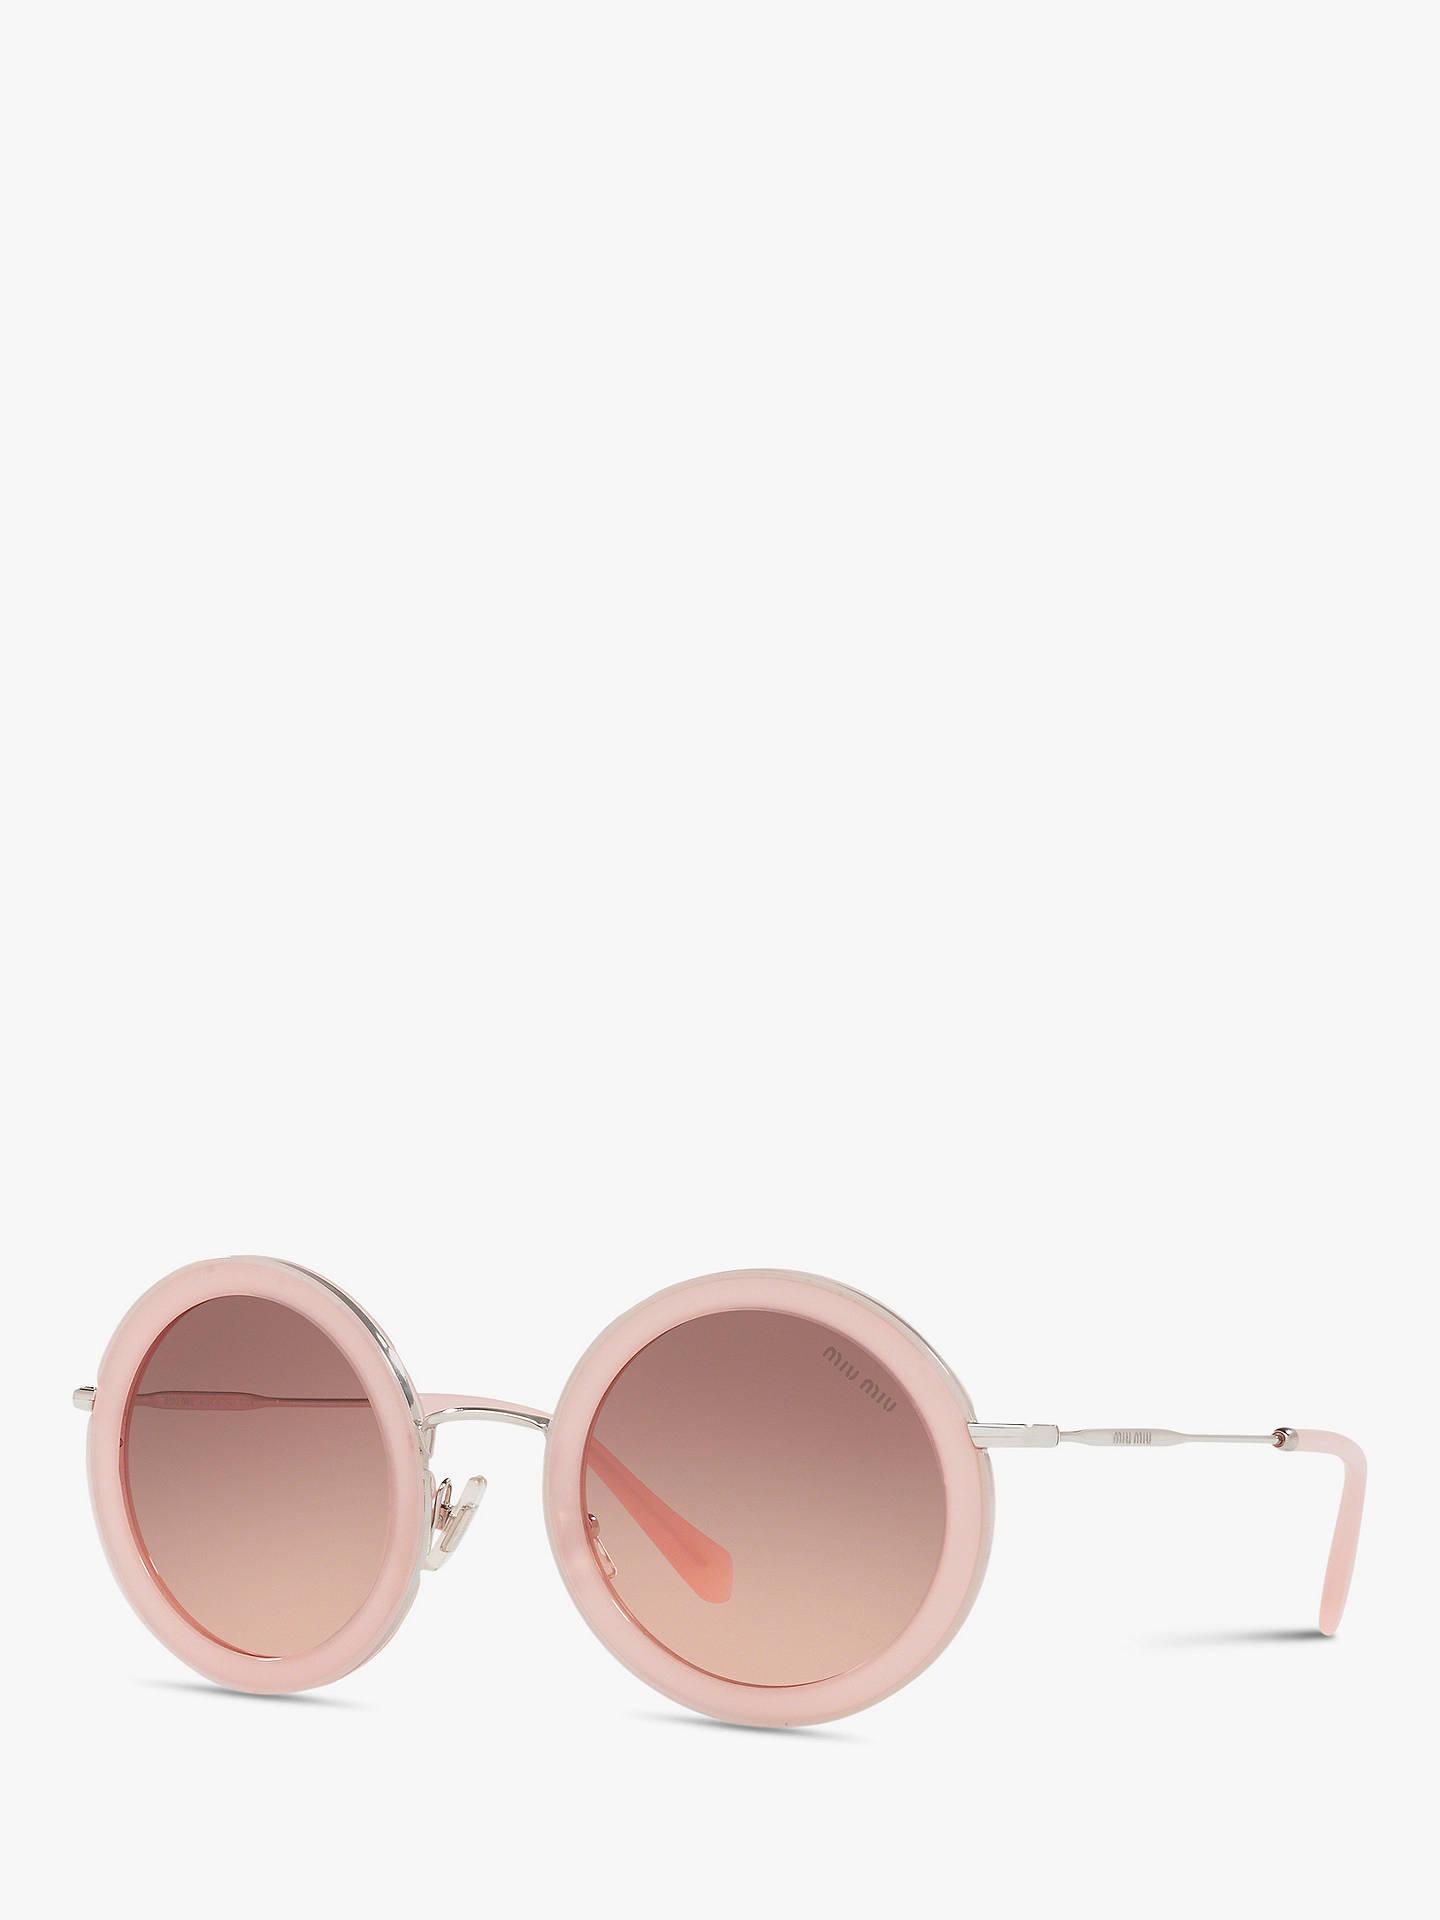 abb313f73b04 Buy Miu Miu MU 59US Women's Round Sunglasses, Opal Pink/Pink Gradient  Online at ...